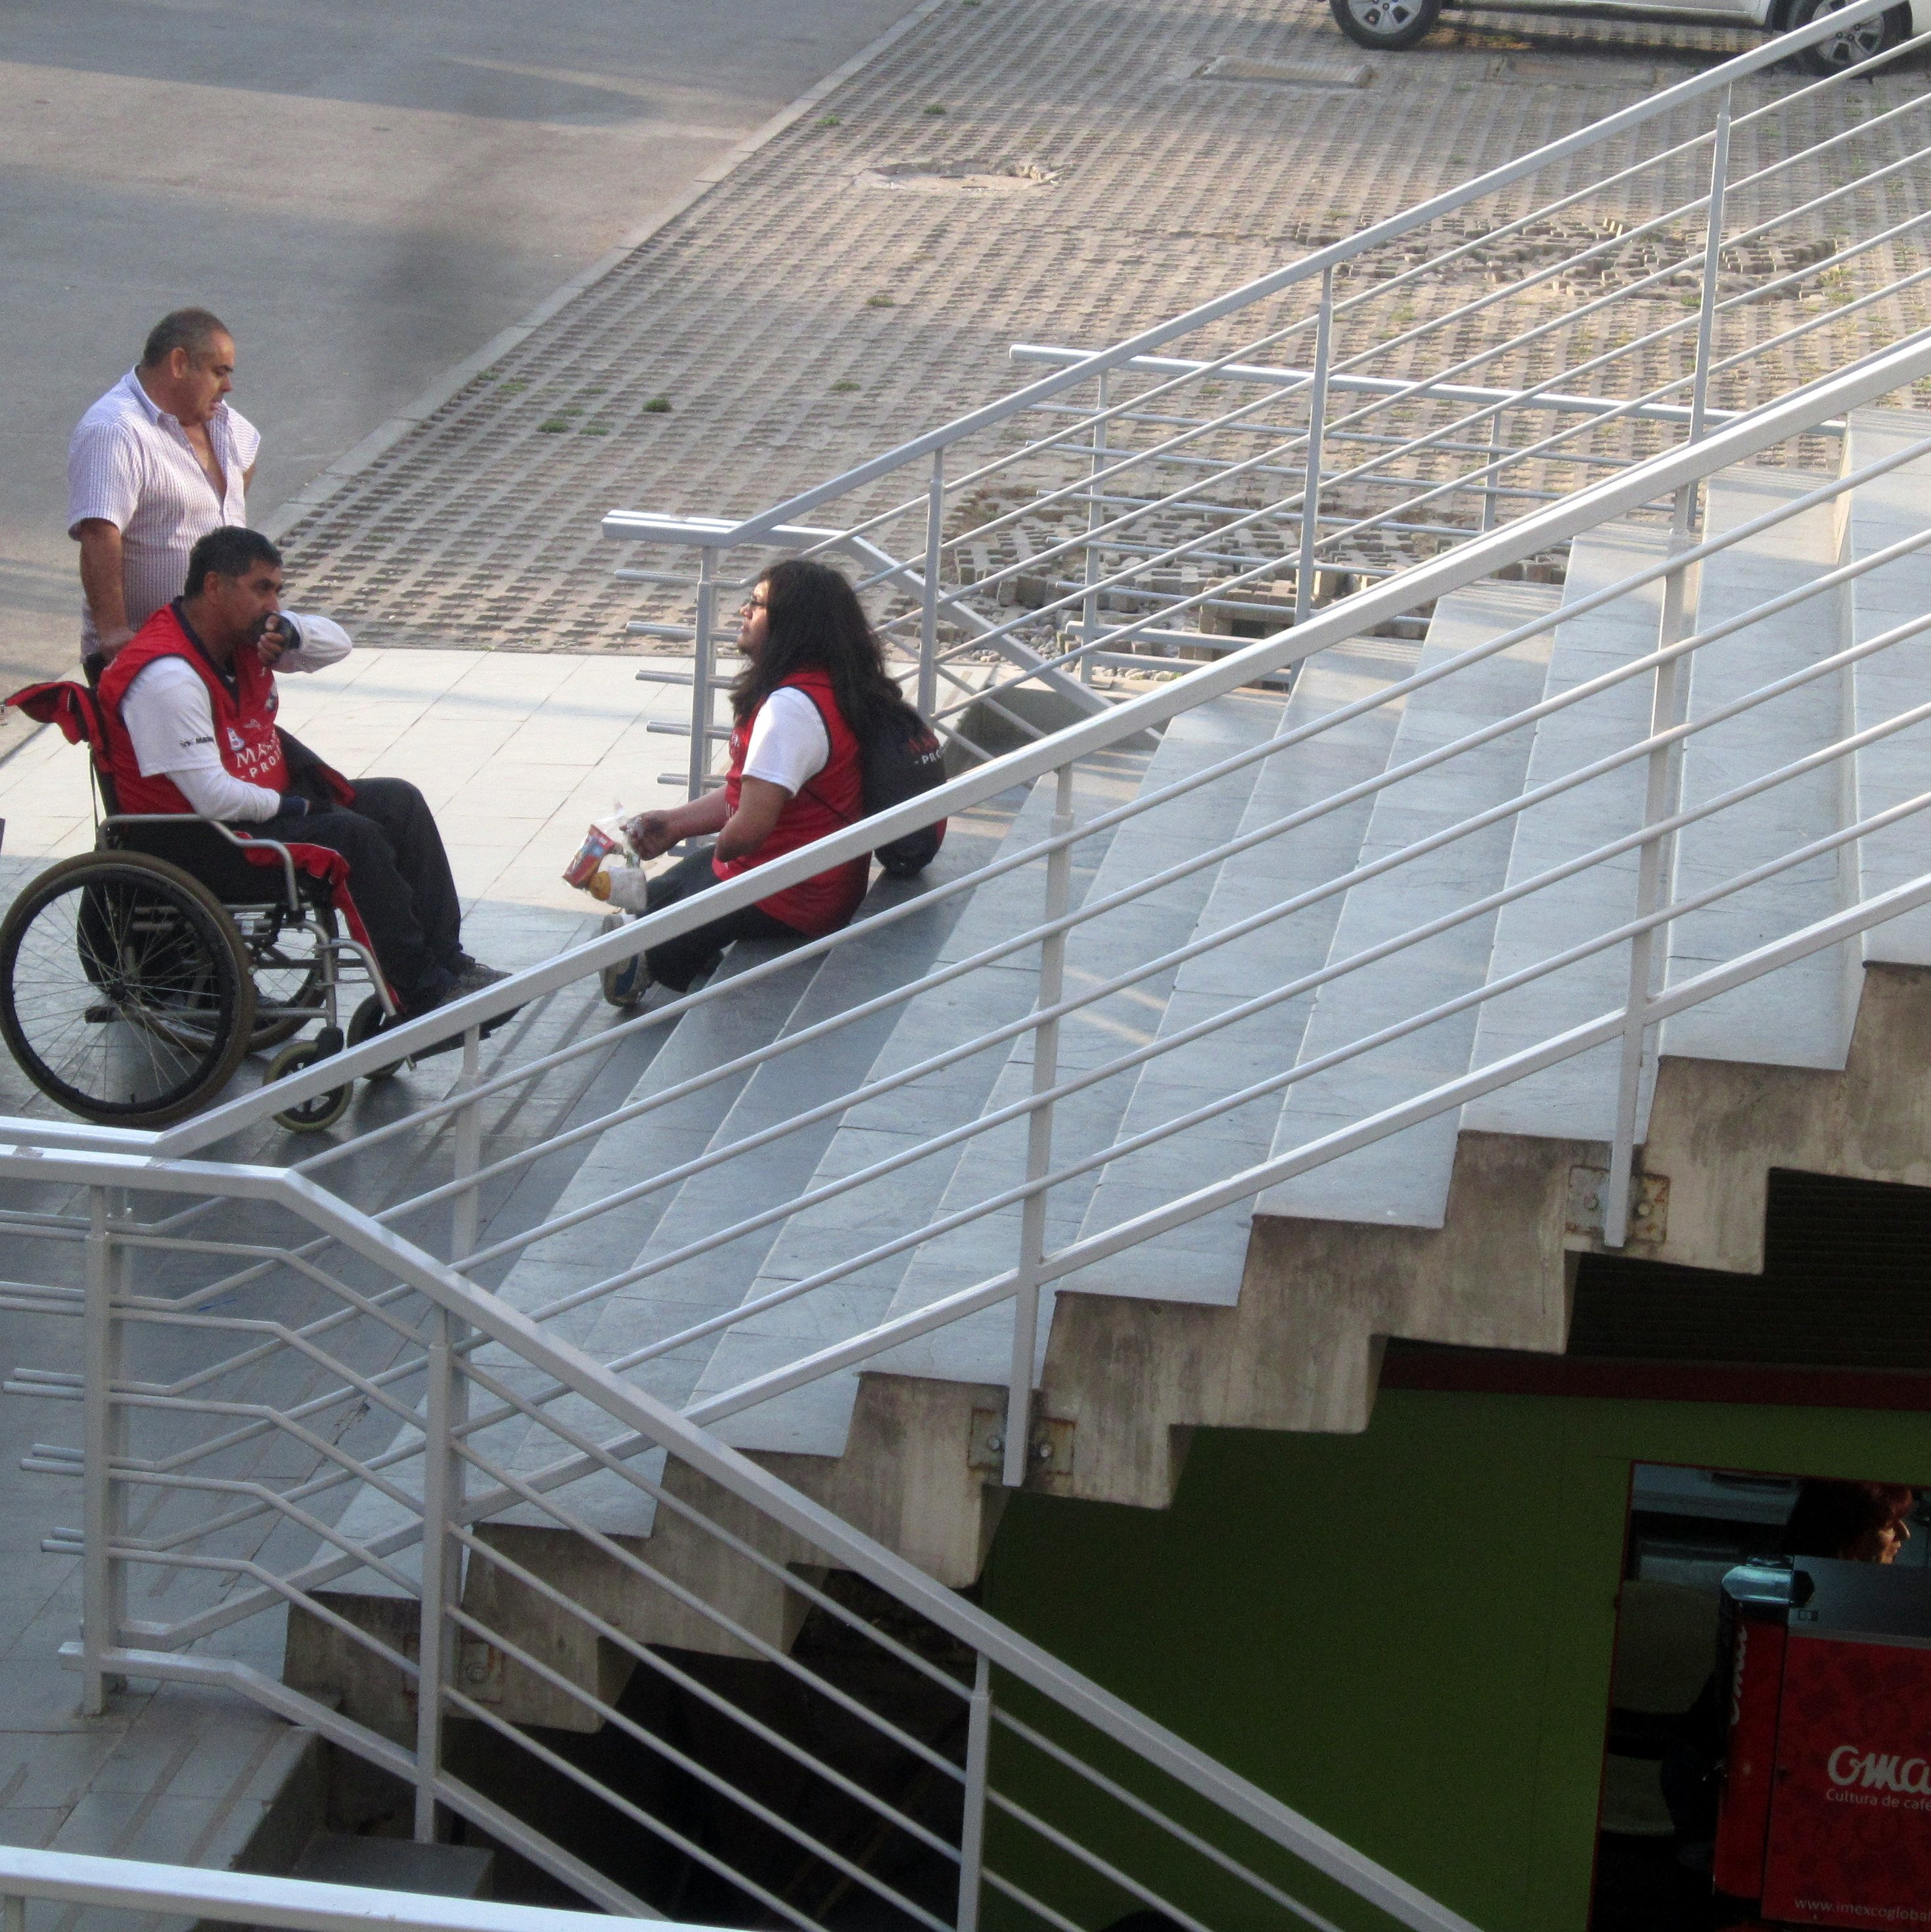 La accesibilidad universal es un derecho